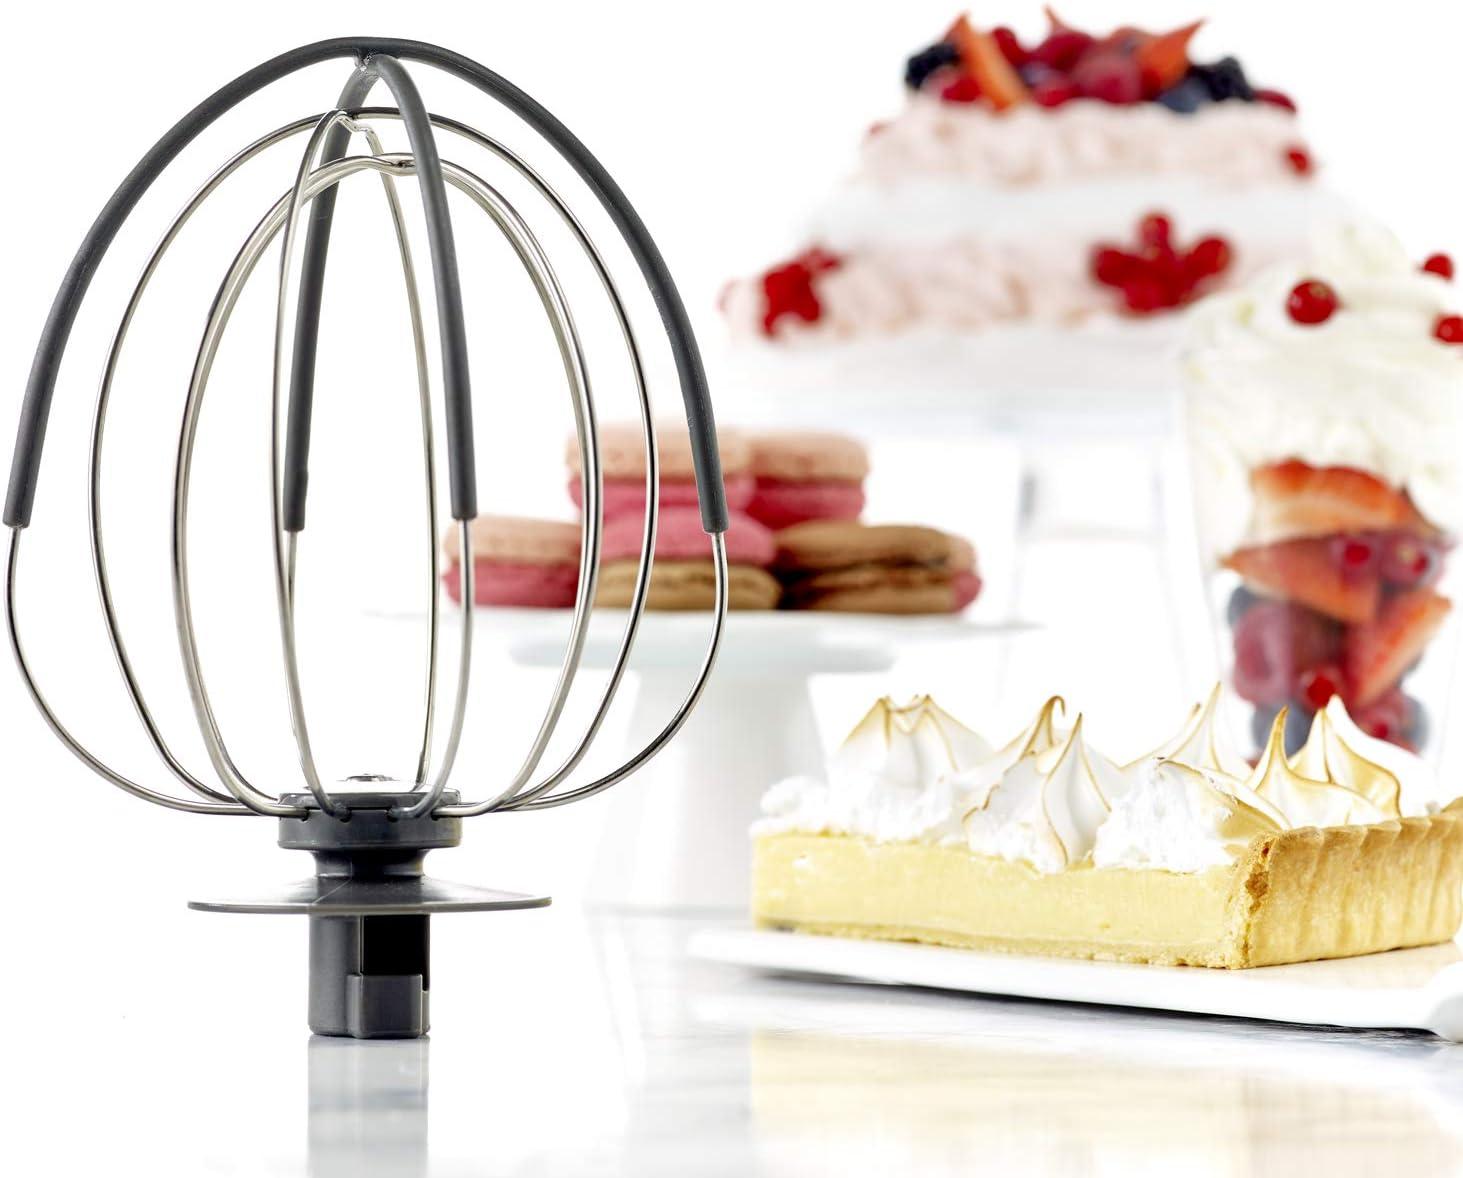 Moulinex Masterchef Gourmet QA530D - Robot Amasador 1100 W, Bol de ...